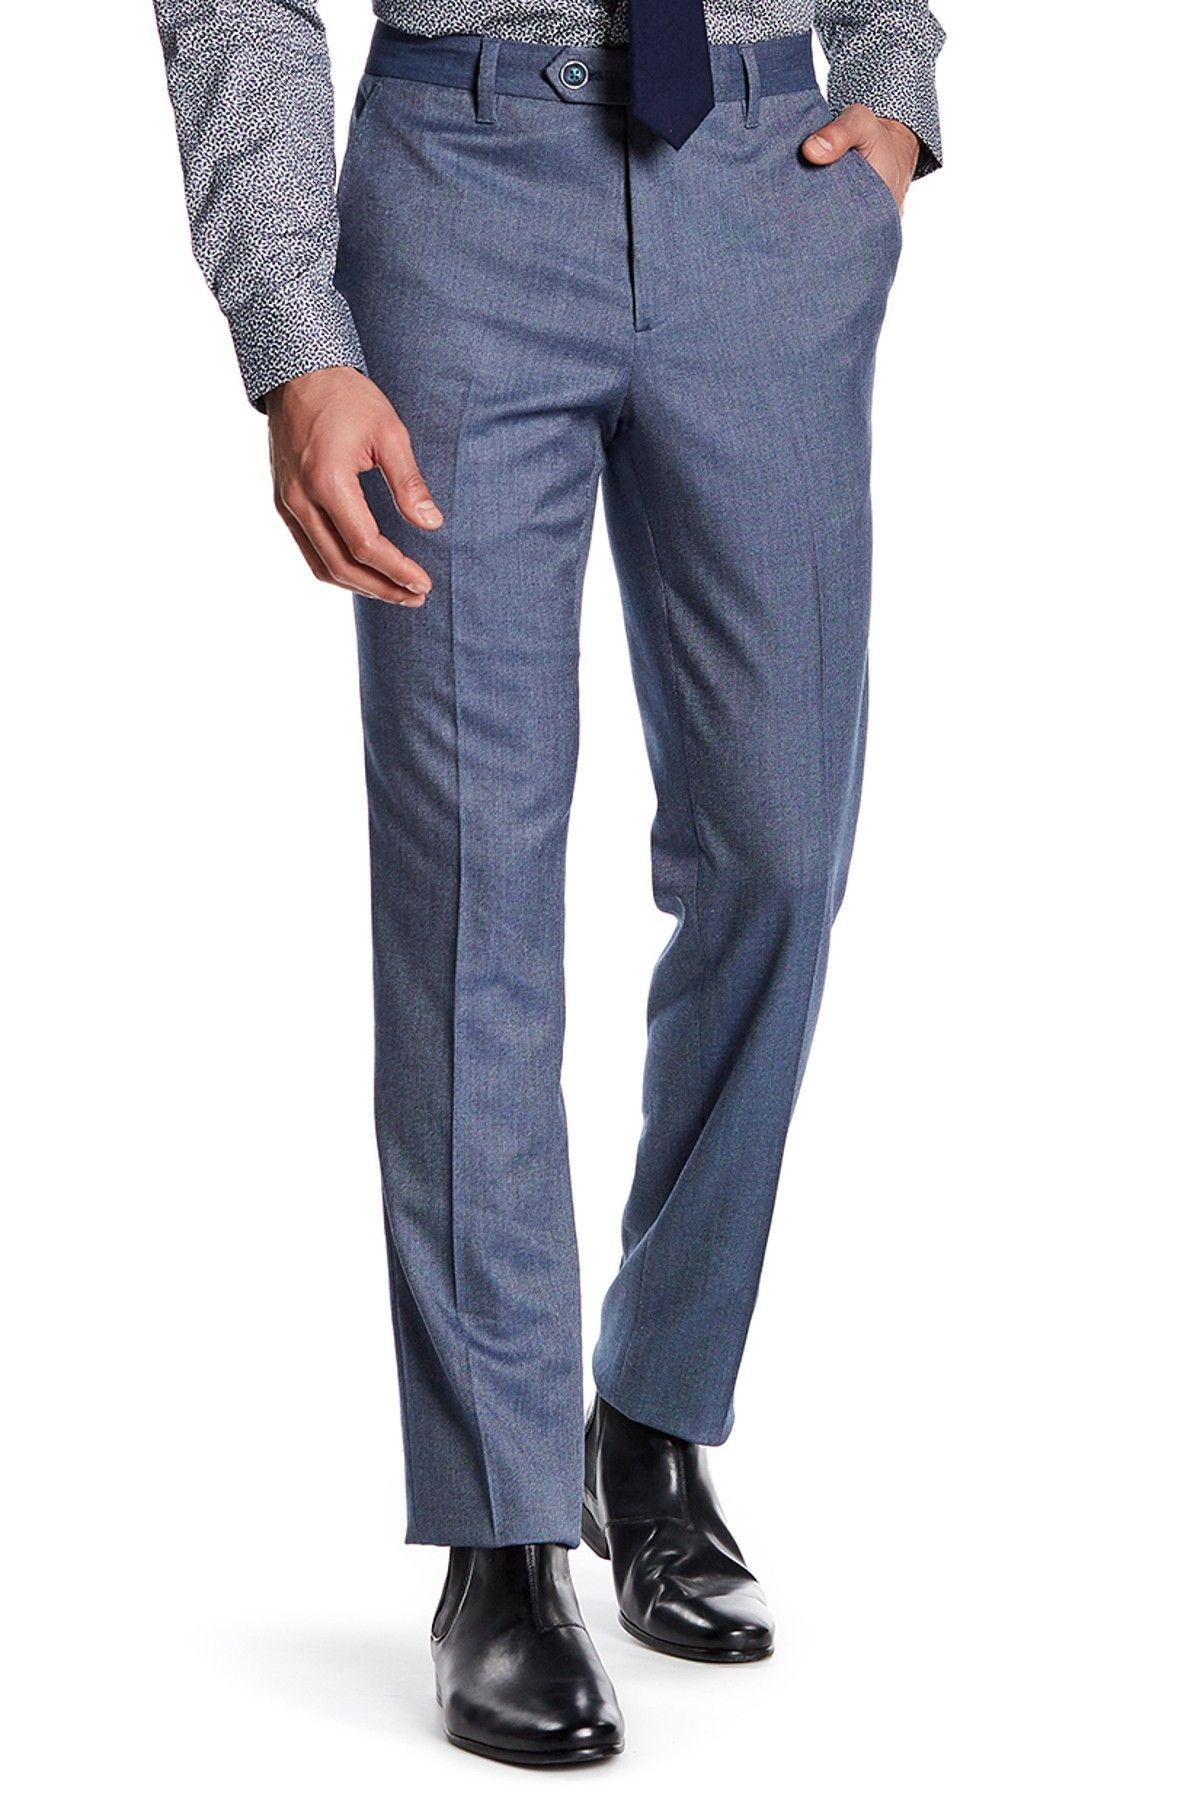 Blue Pin Dot Trouser